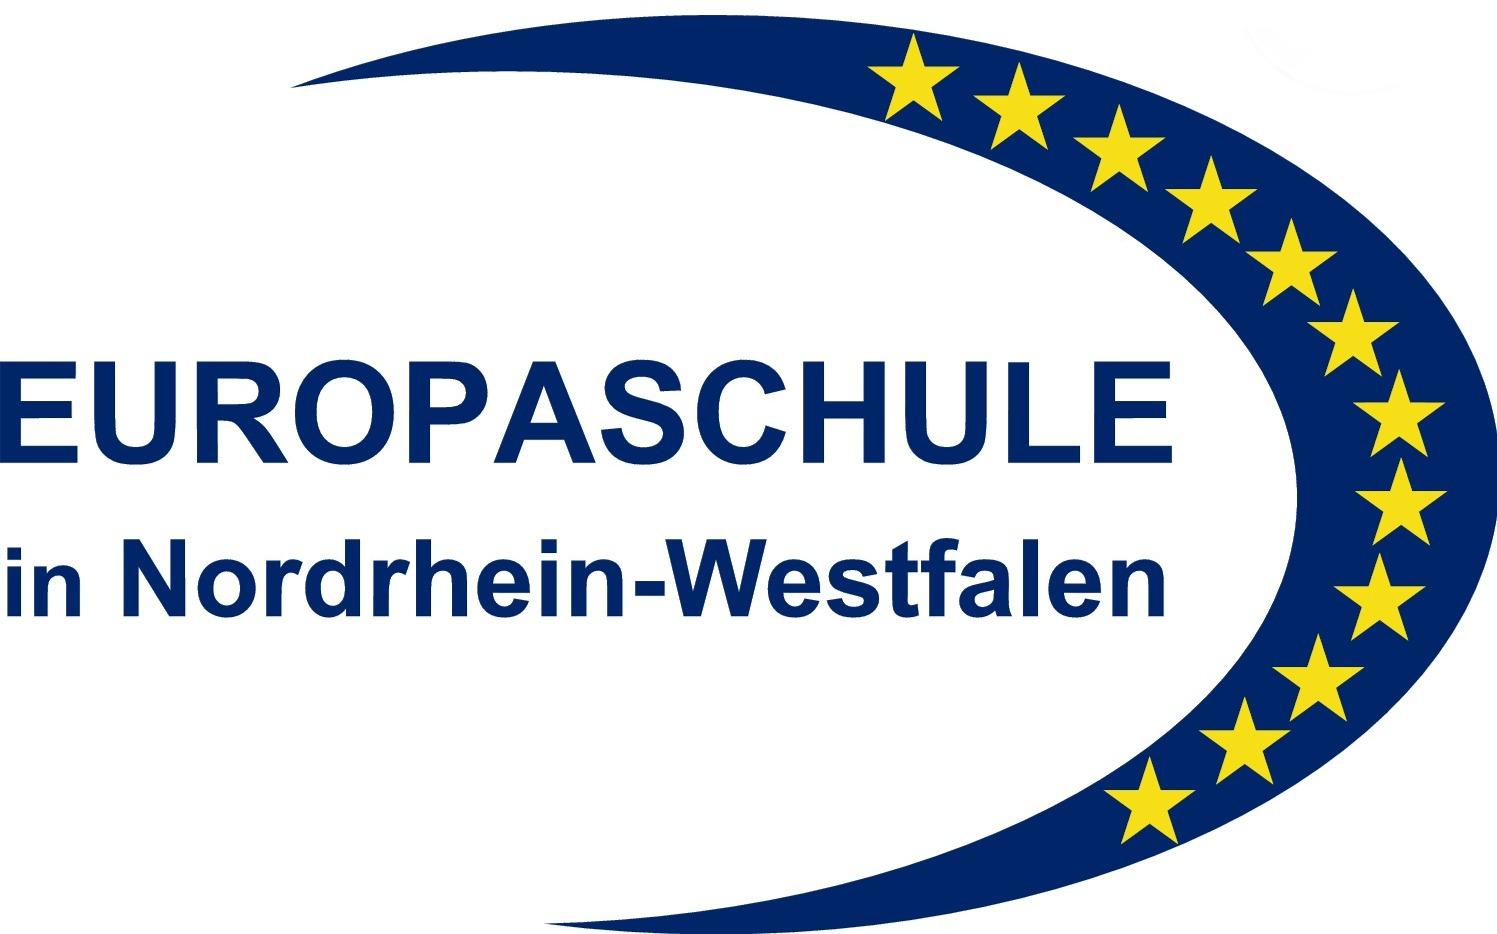 Europaschule in Nordrhein-Westfalen